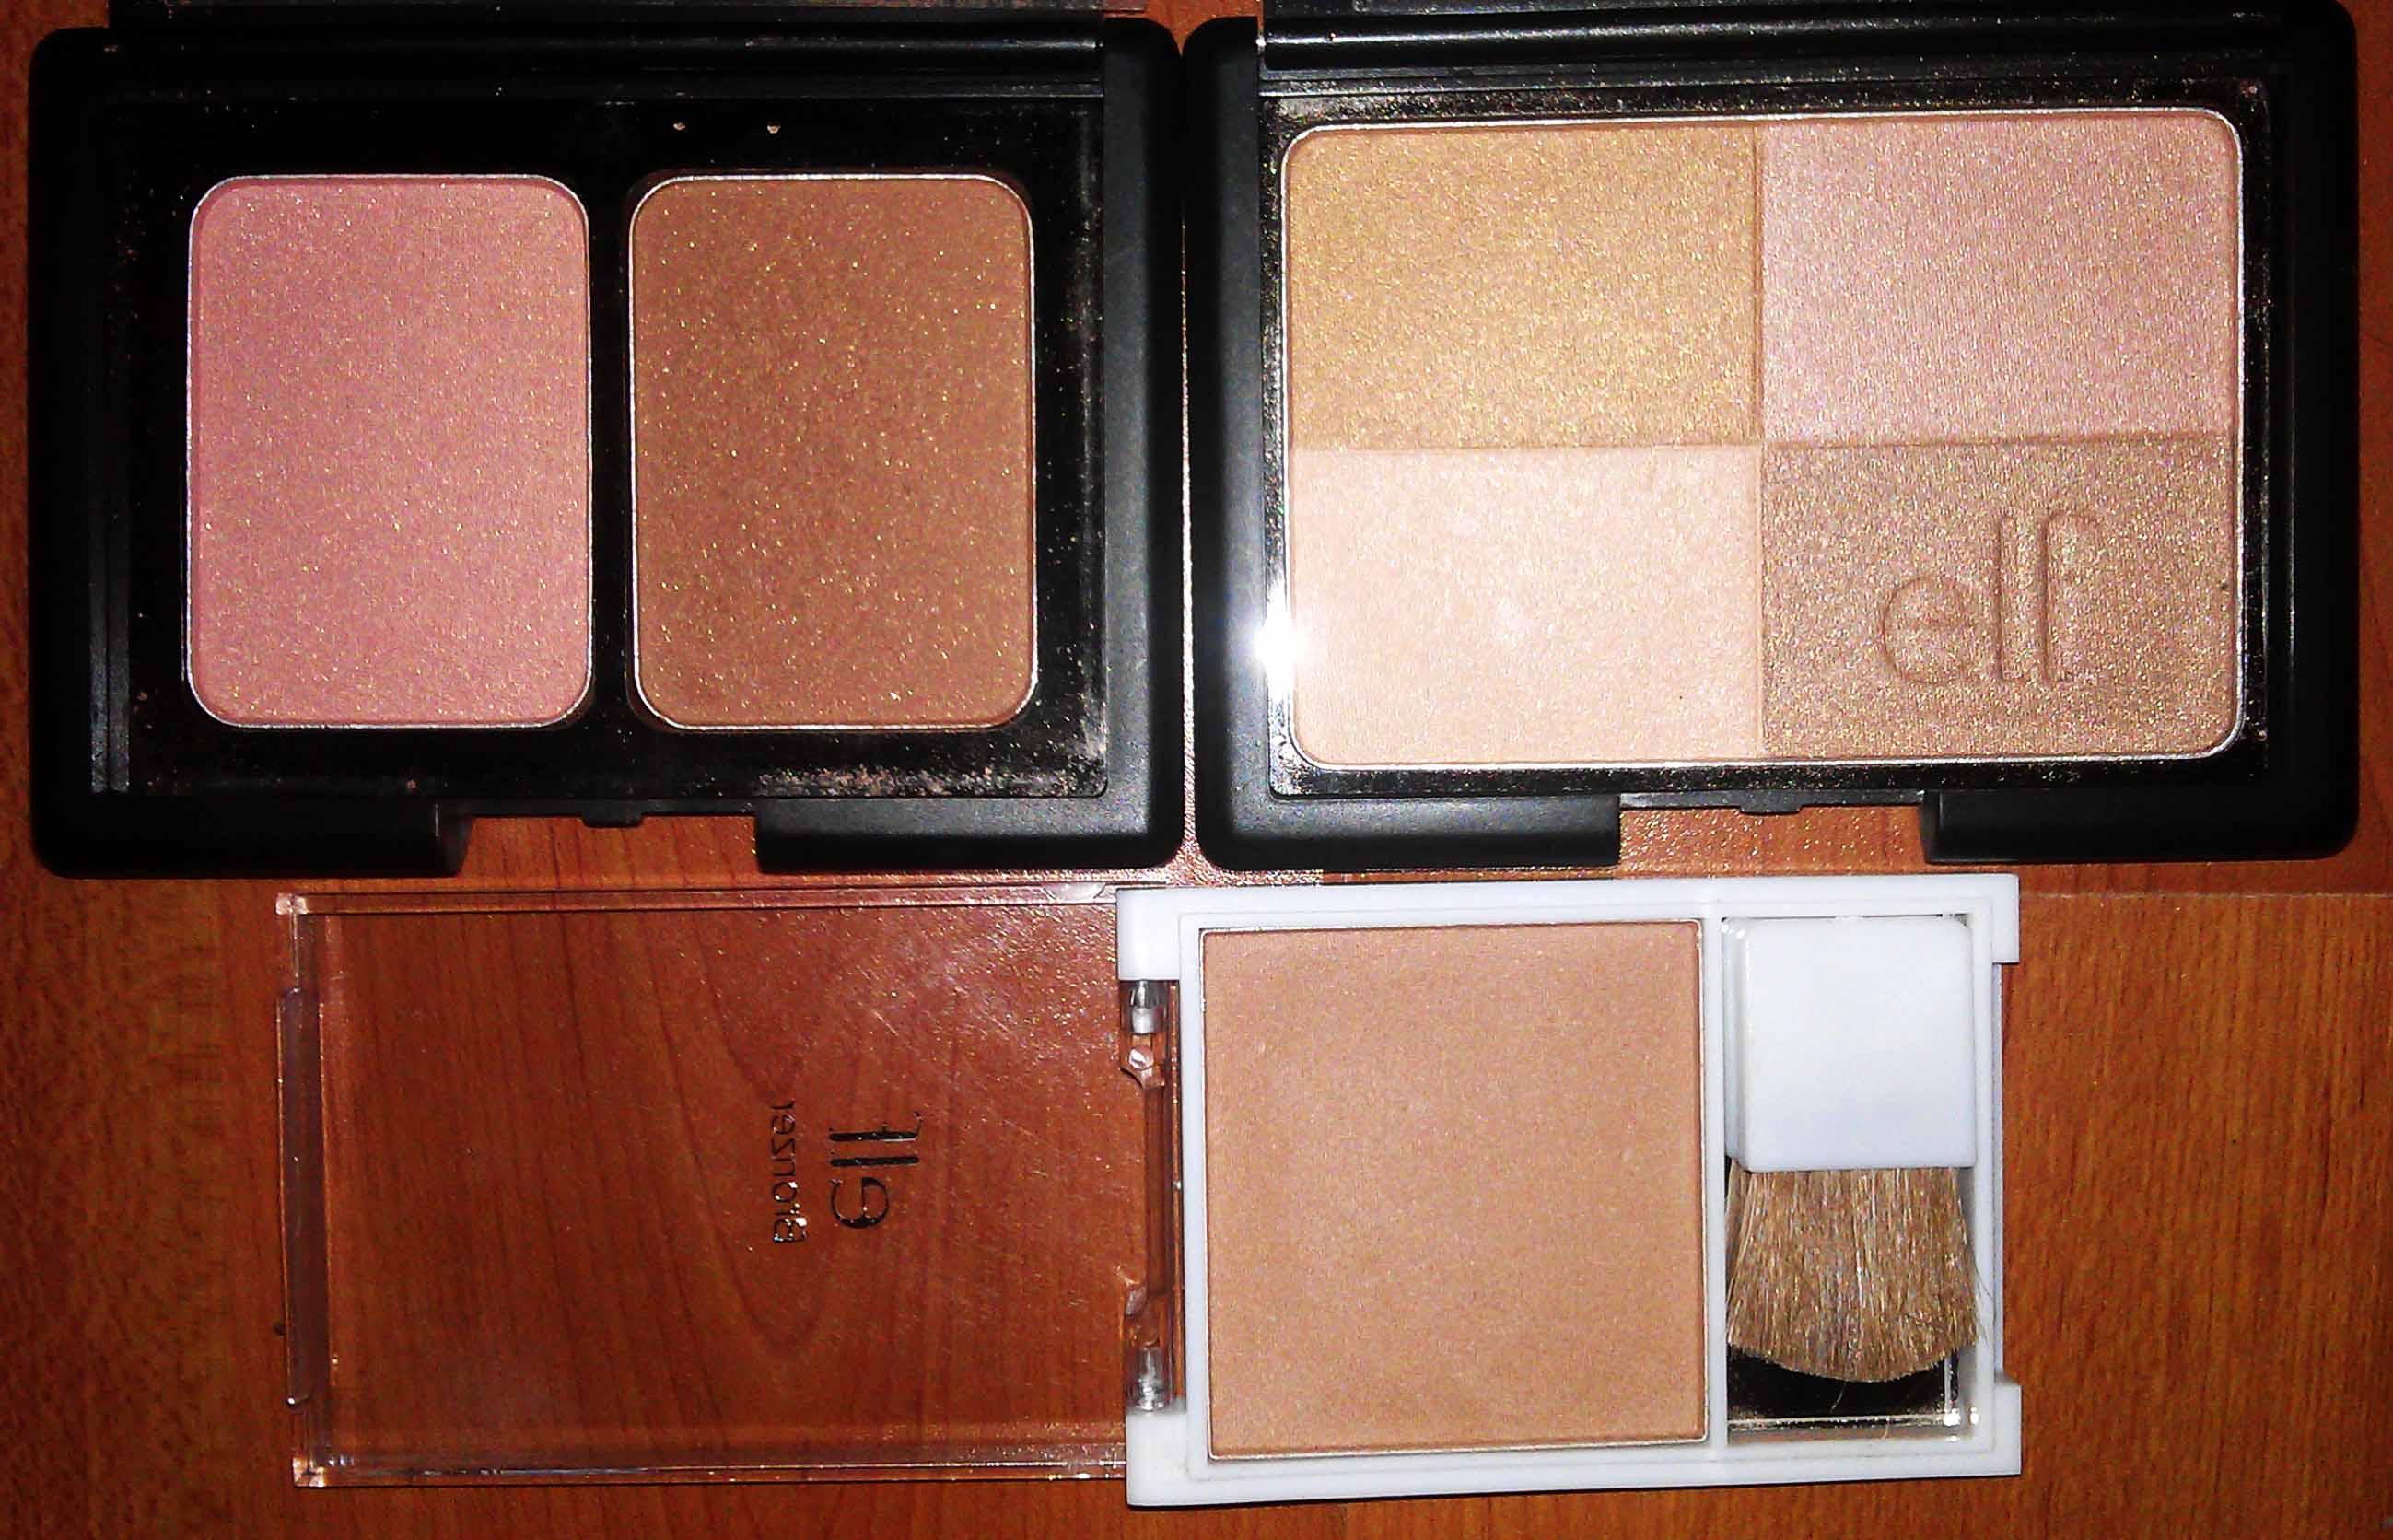 E.l.f Studio Contouring Blush